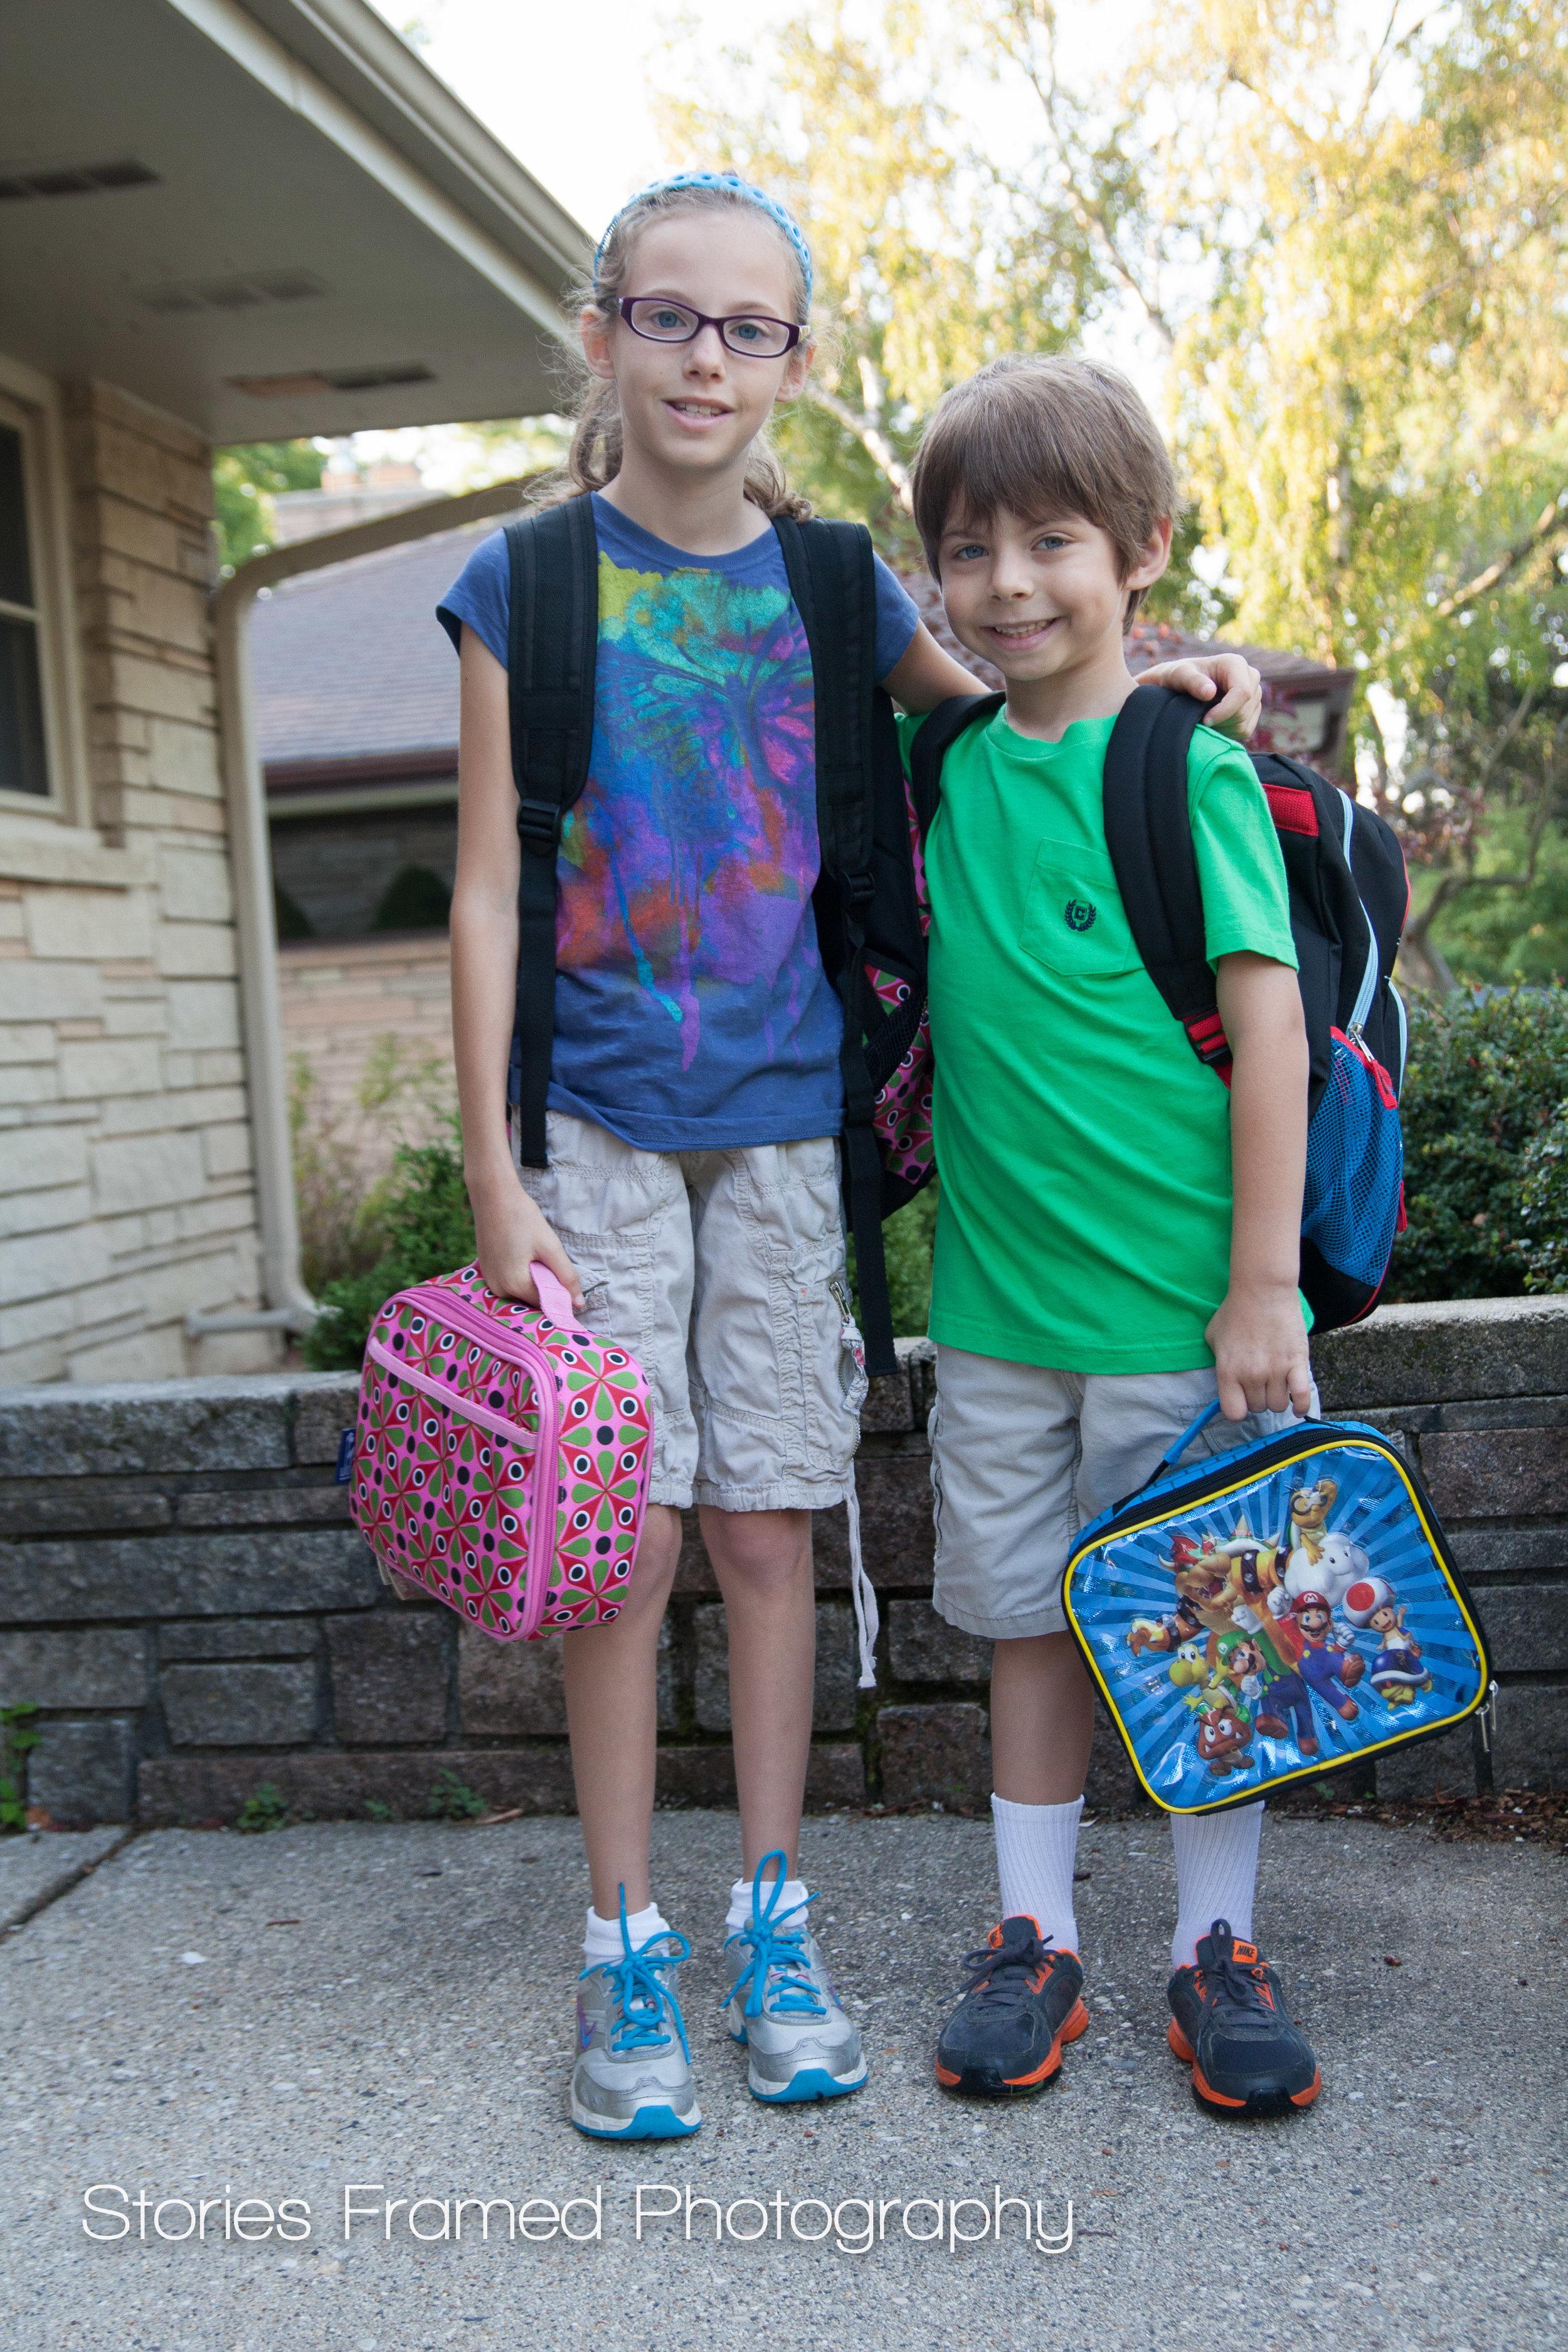 2012 | Sam in 4th, David in 1st